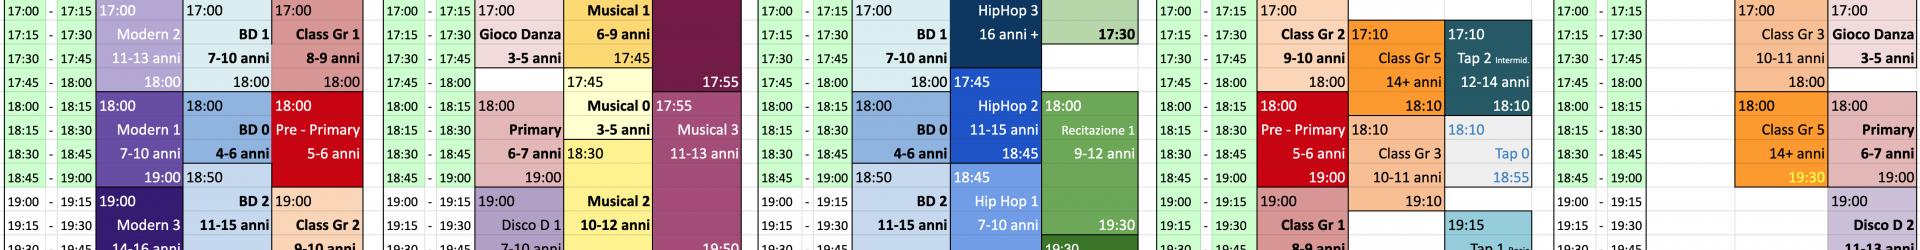 Ecco l'orario ufficiale delle classi Standard 2019-2020